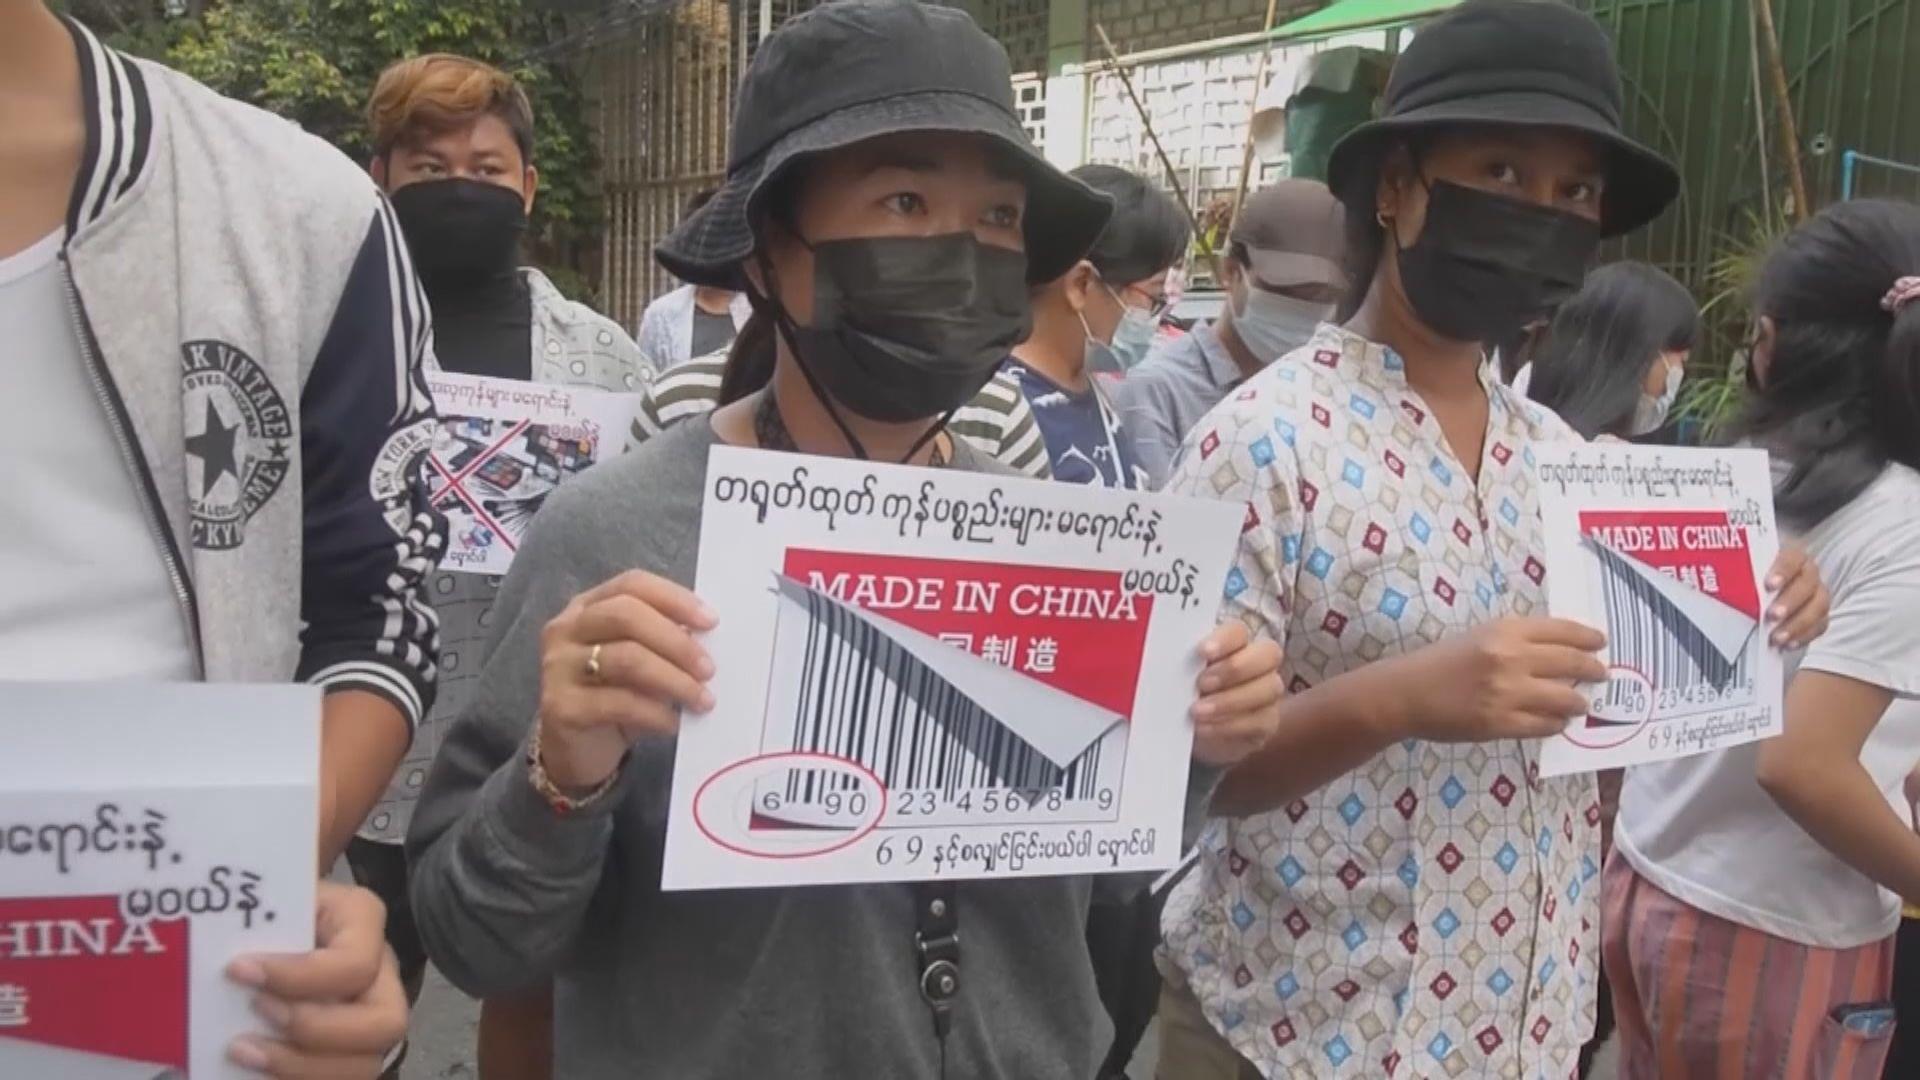 據報緬甸示威再有13人死亡 仰光示威者焚燒中國國旗